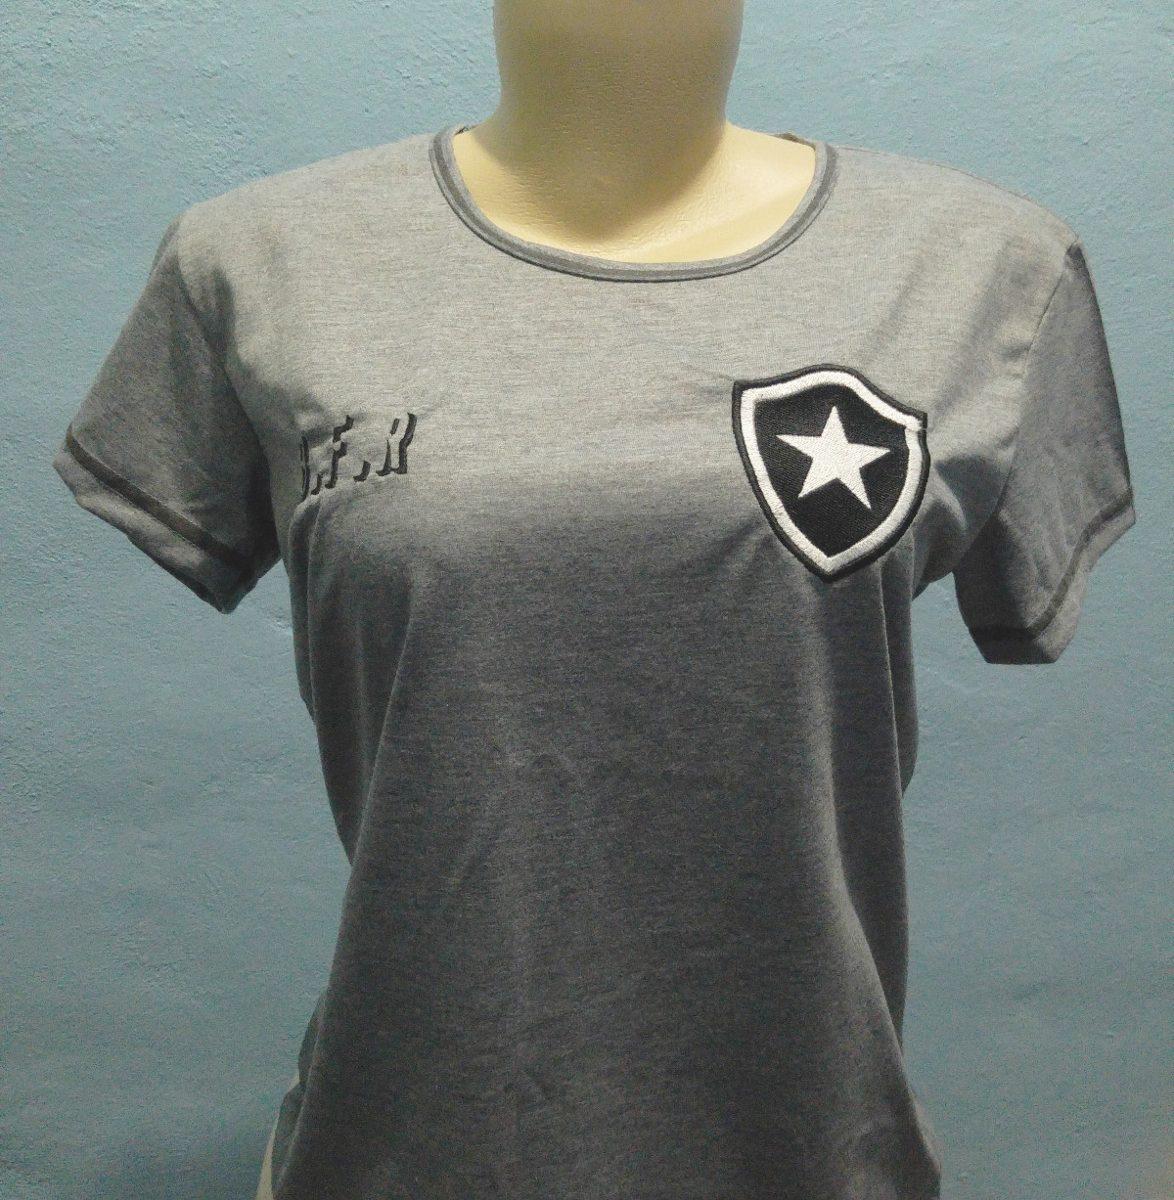 66bc52af86 camisa feminina baby look do botafogo cor cinza na promoção. Carregando  zoom.